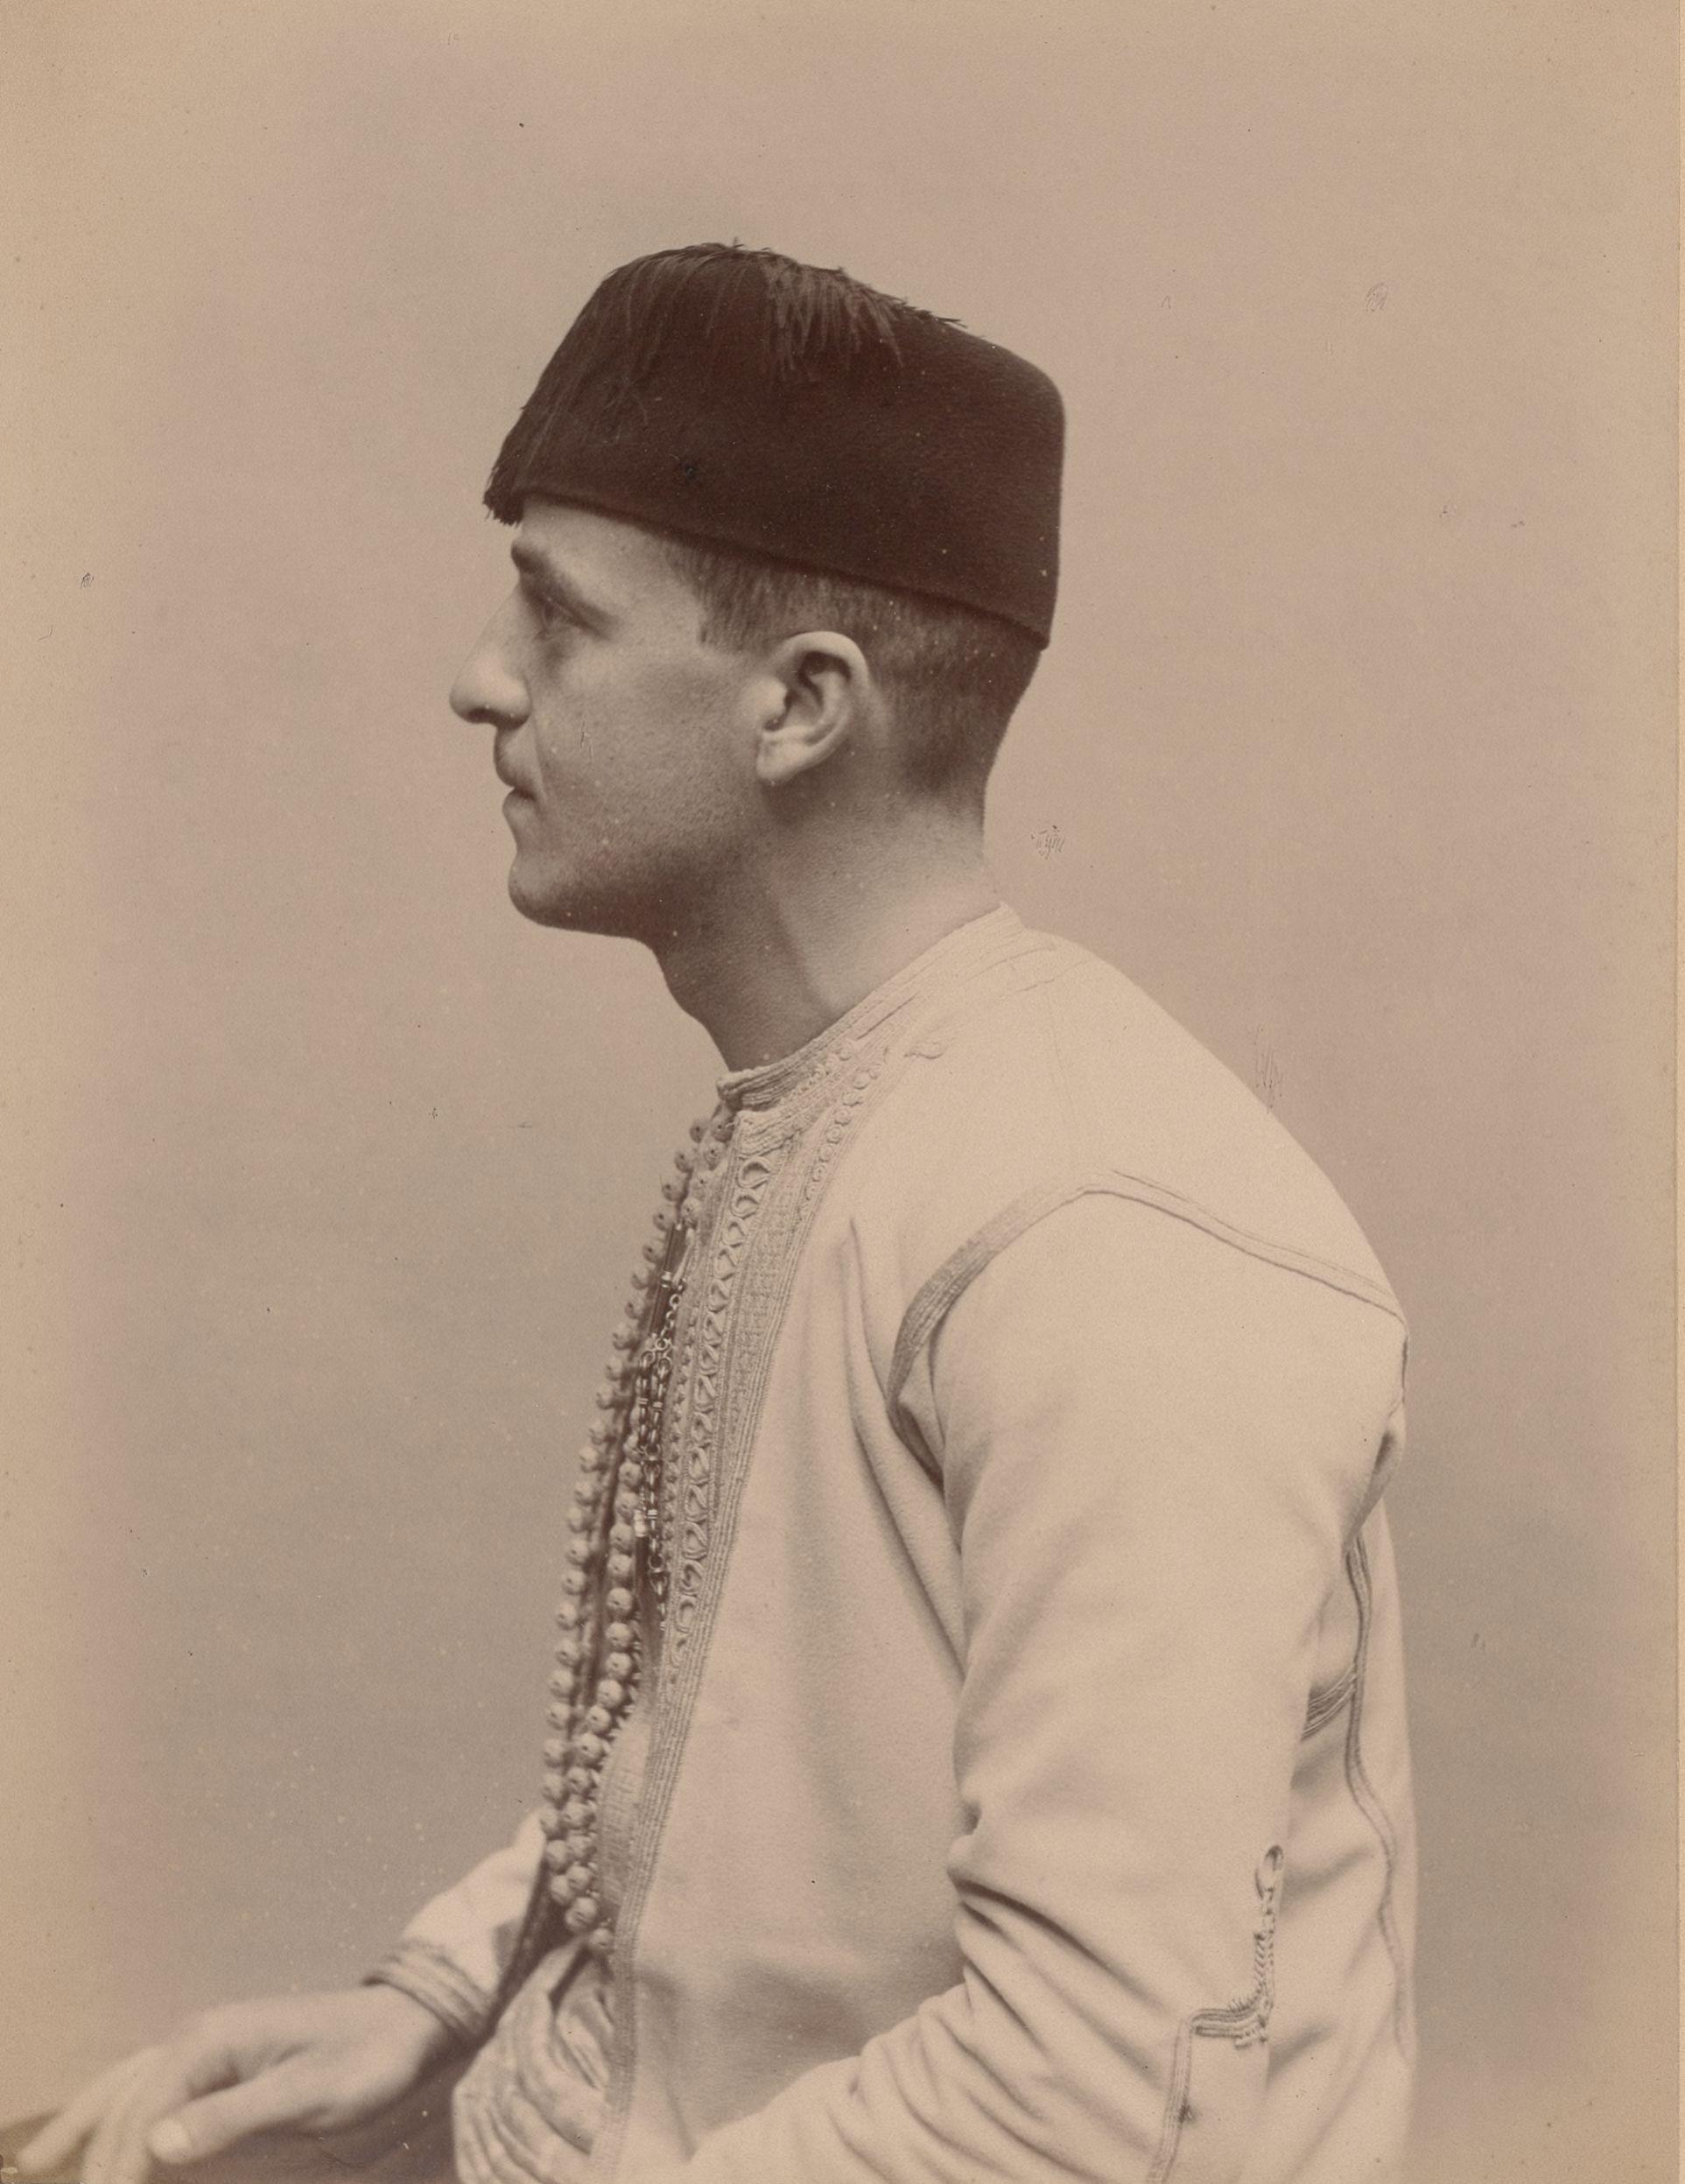 Месгич (Исаак) 24 года, родился в Алжире (профиль)